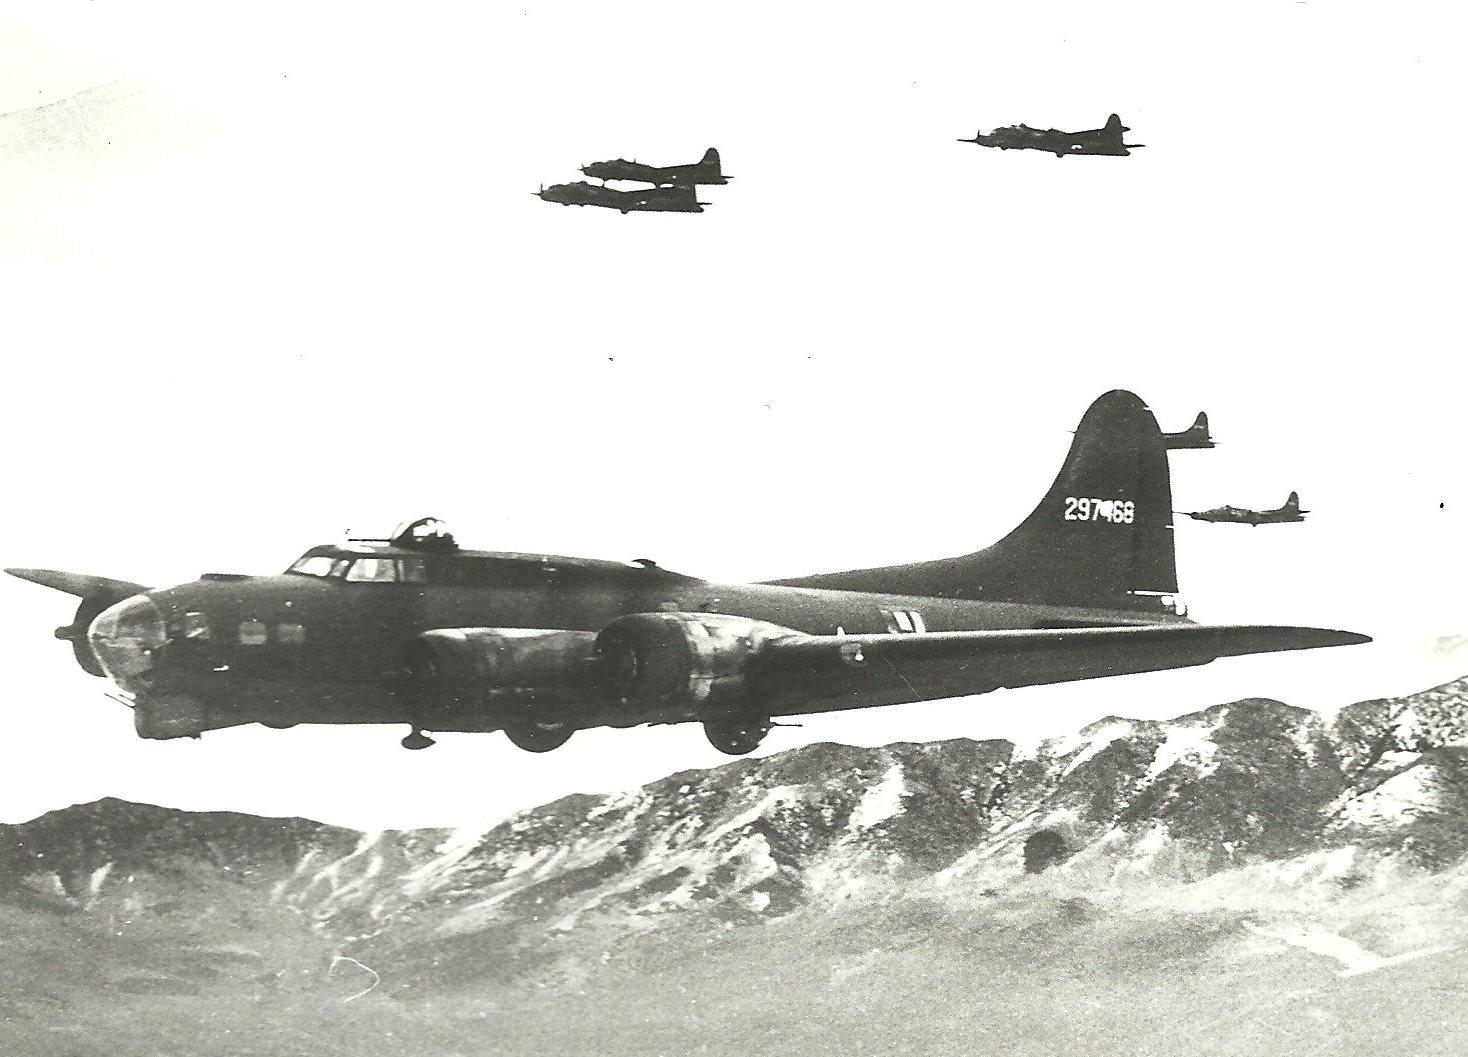 B-17 #42-97468 / Tujunga III